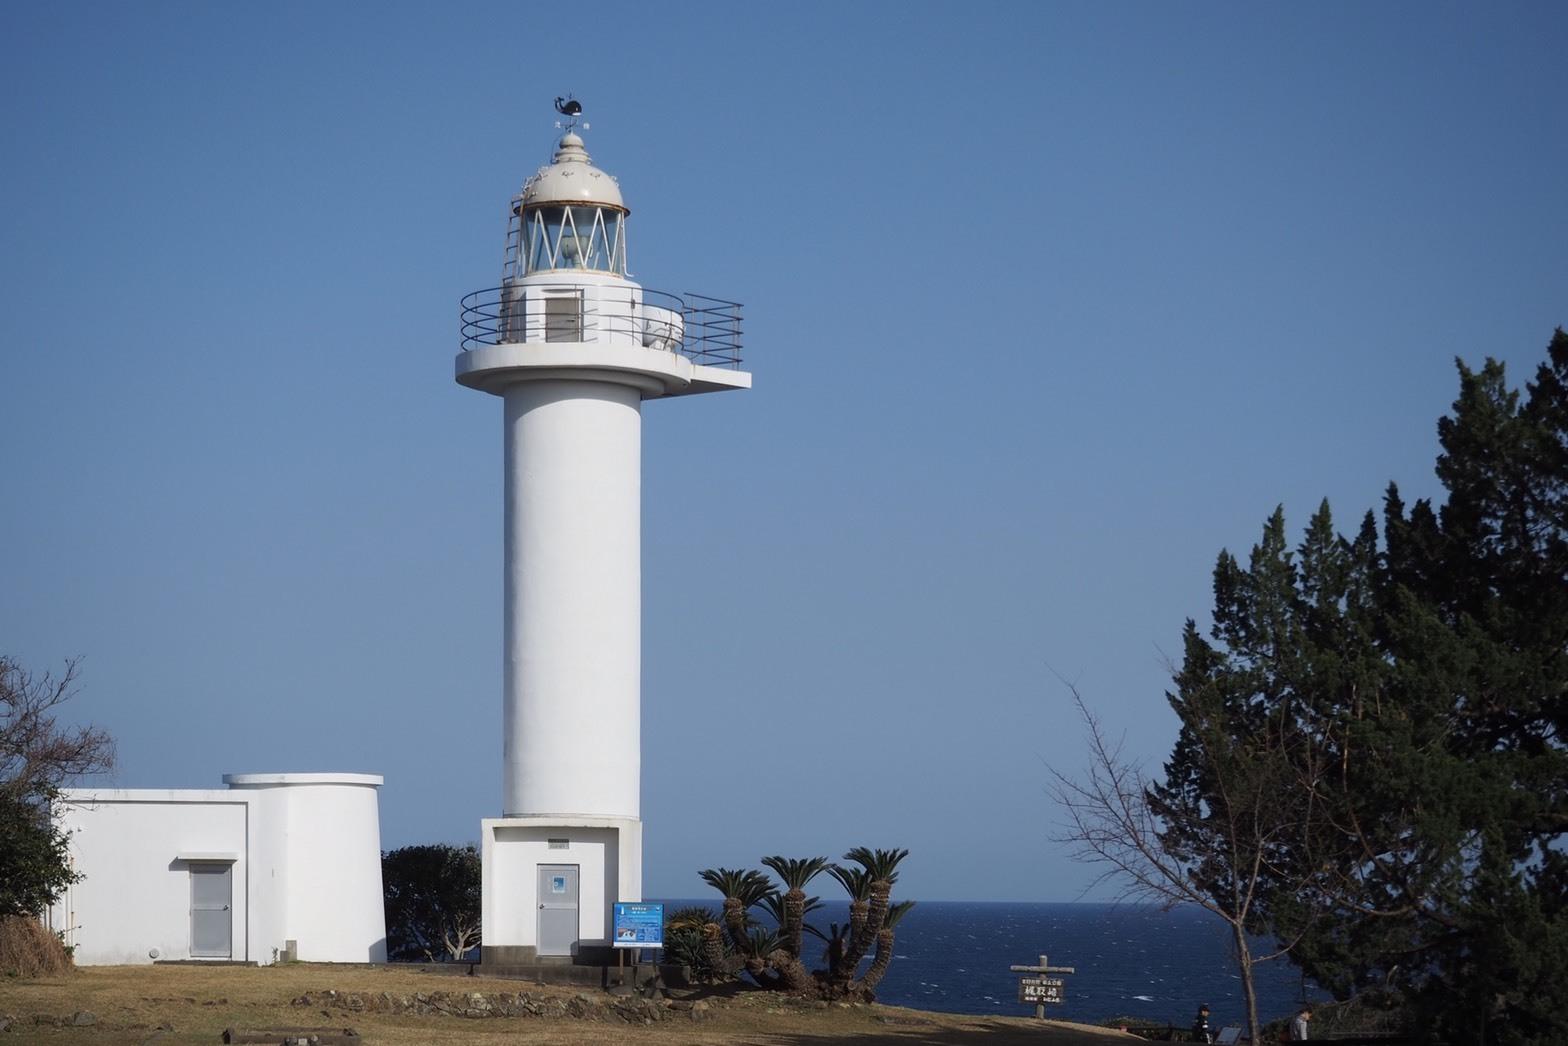 ぴーきち&ダイナ 紀伊半島ツーリング 和歌山県 太地町 梶取崎の灯台